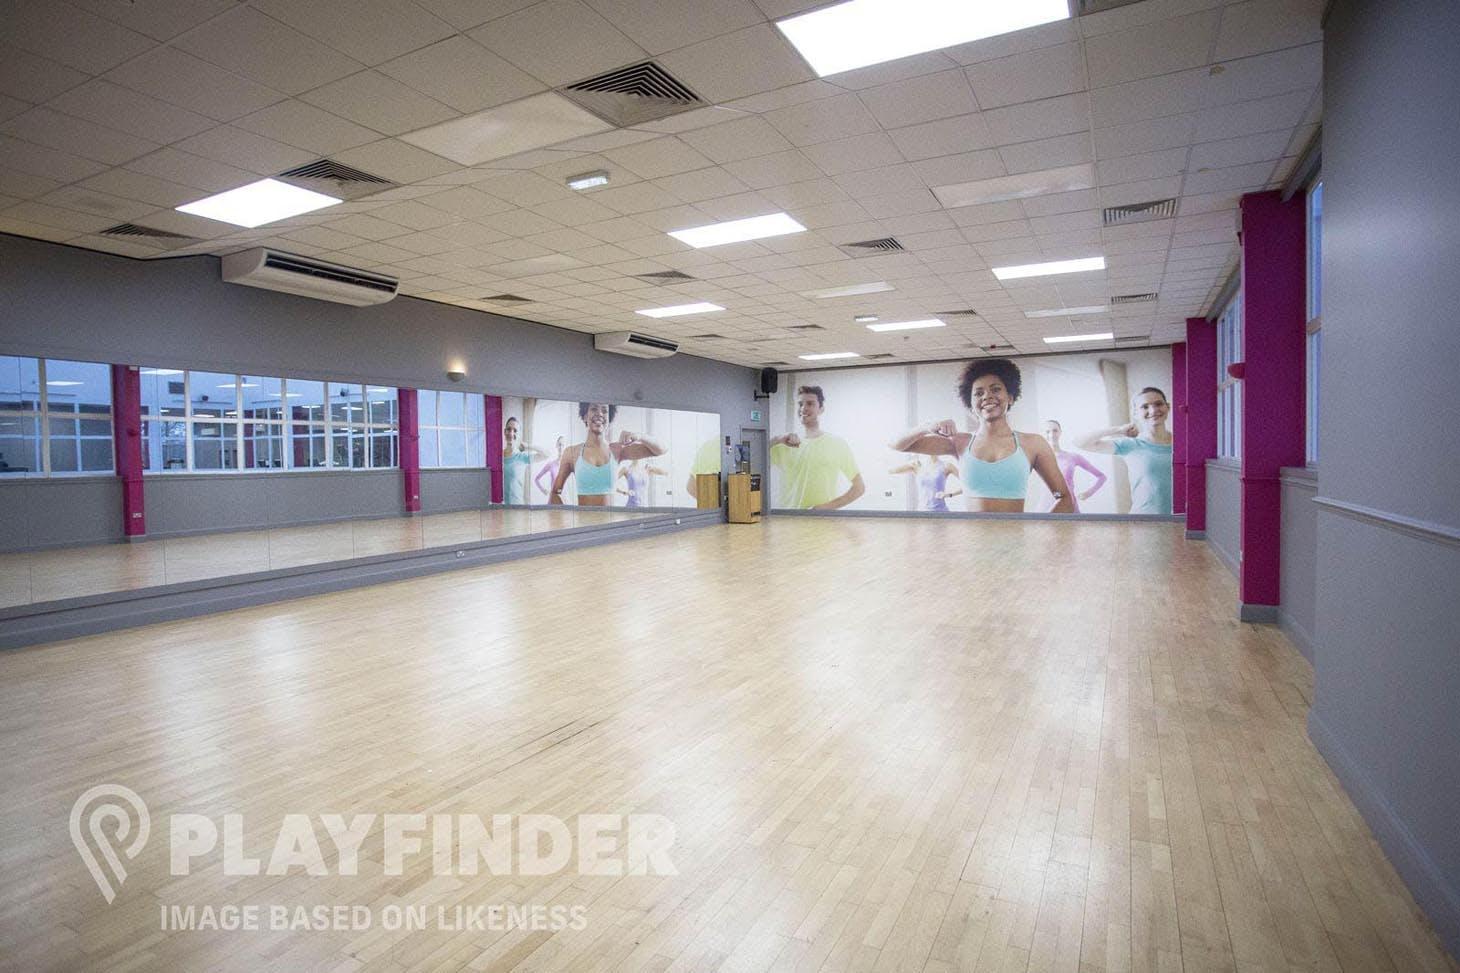 SBL Sports Centre Studio | Dance studio space hire